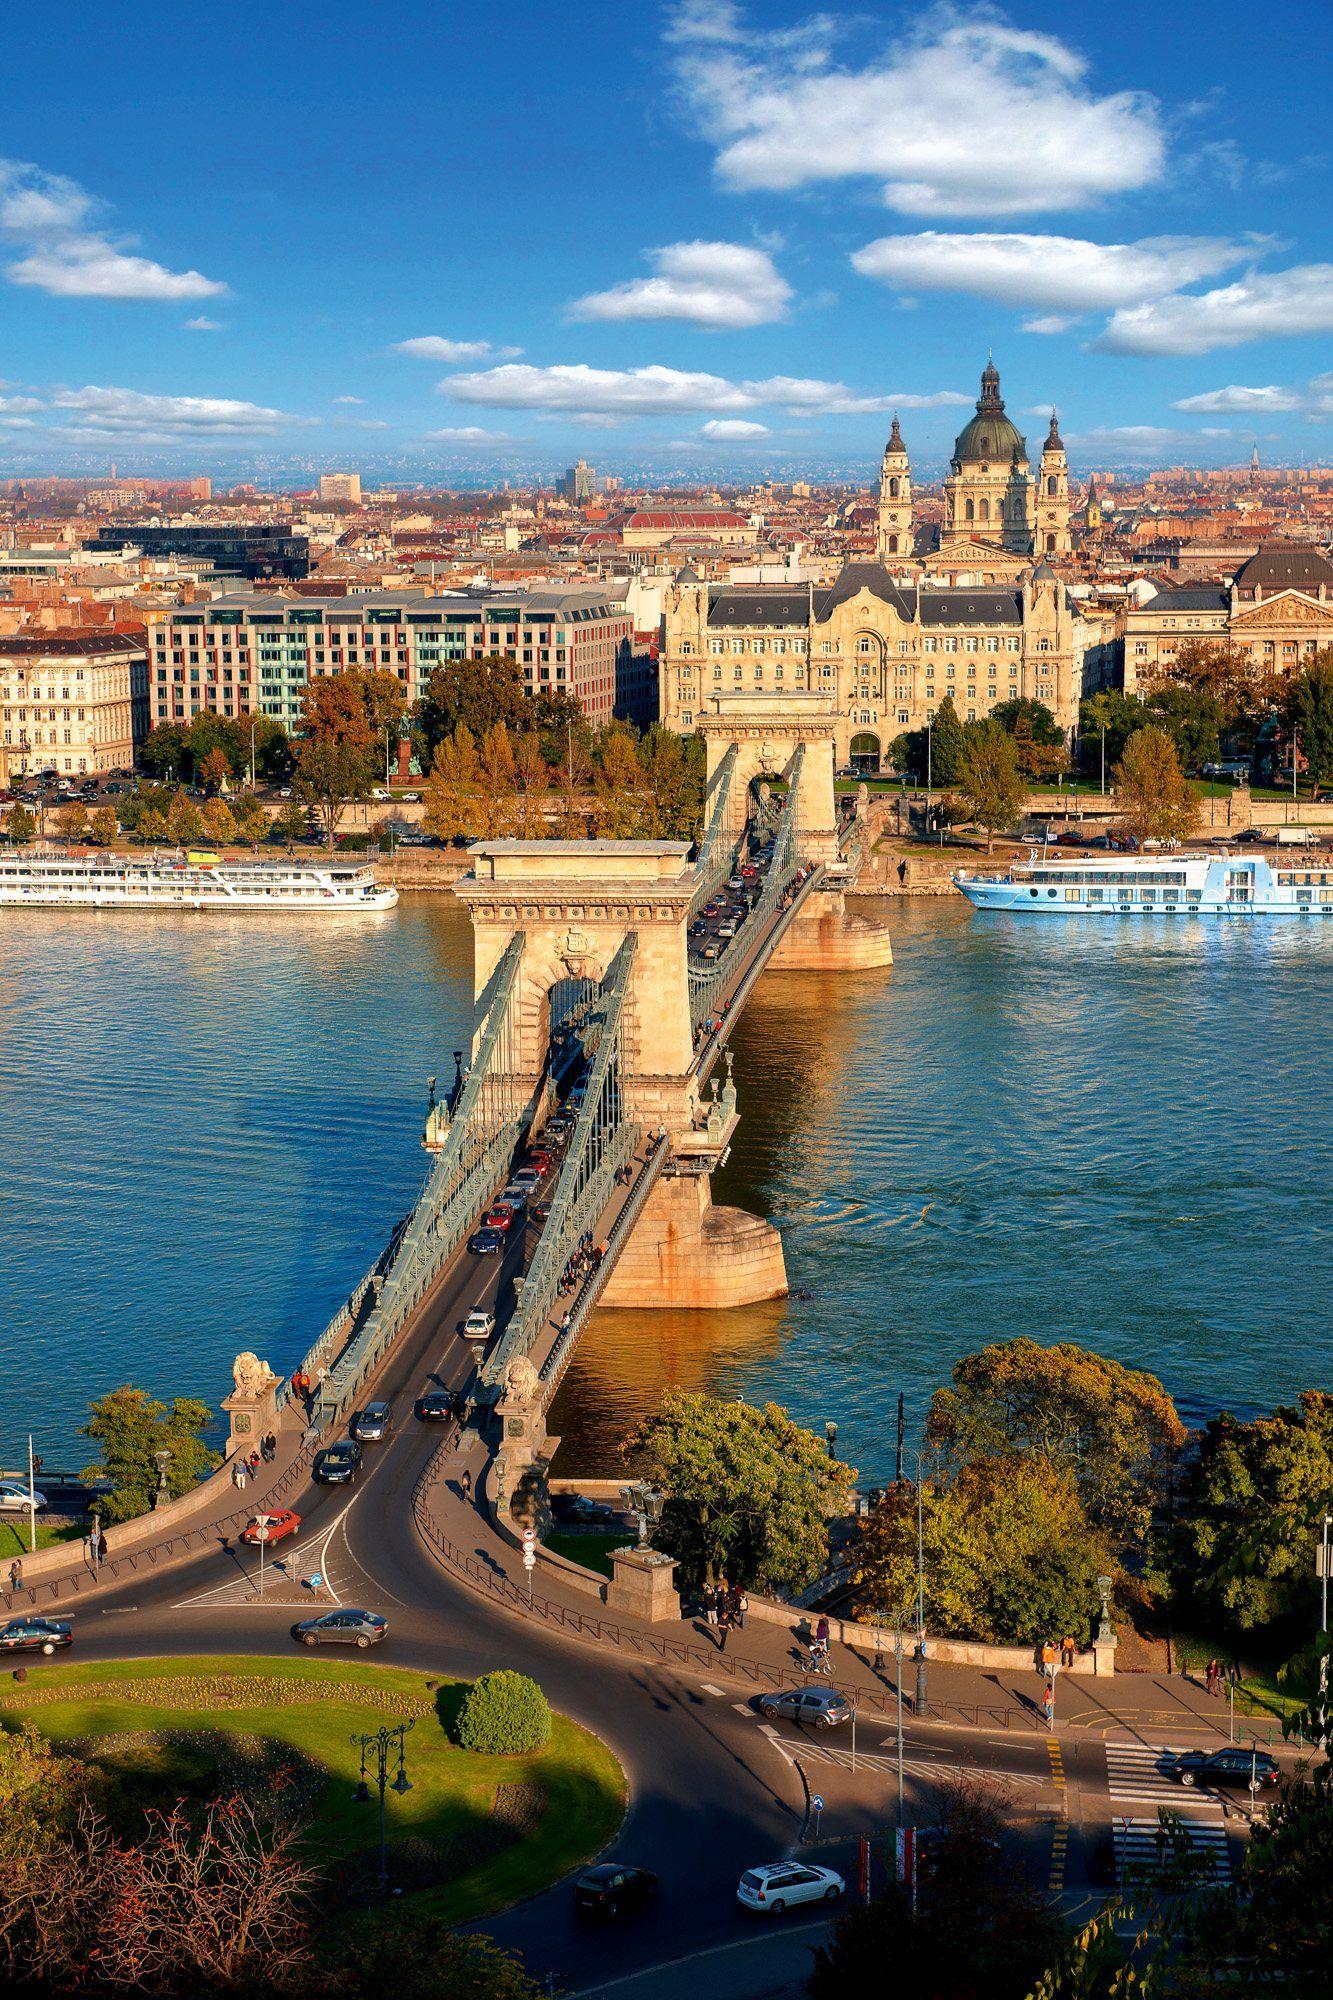 Escapada a Budapest · National Geographic en español. · Rutas y escapadas